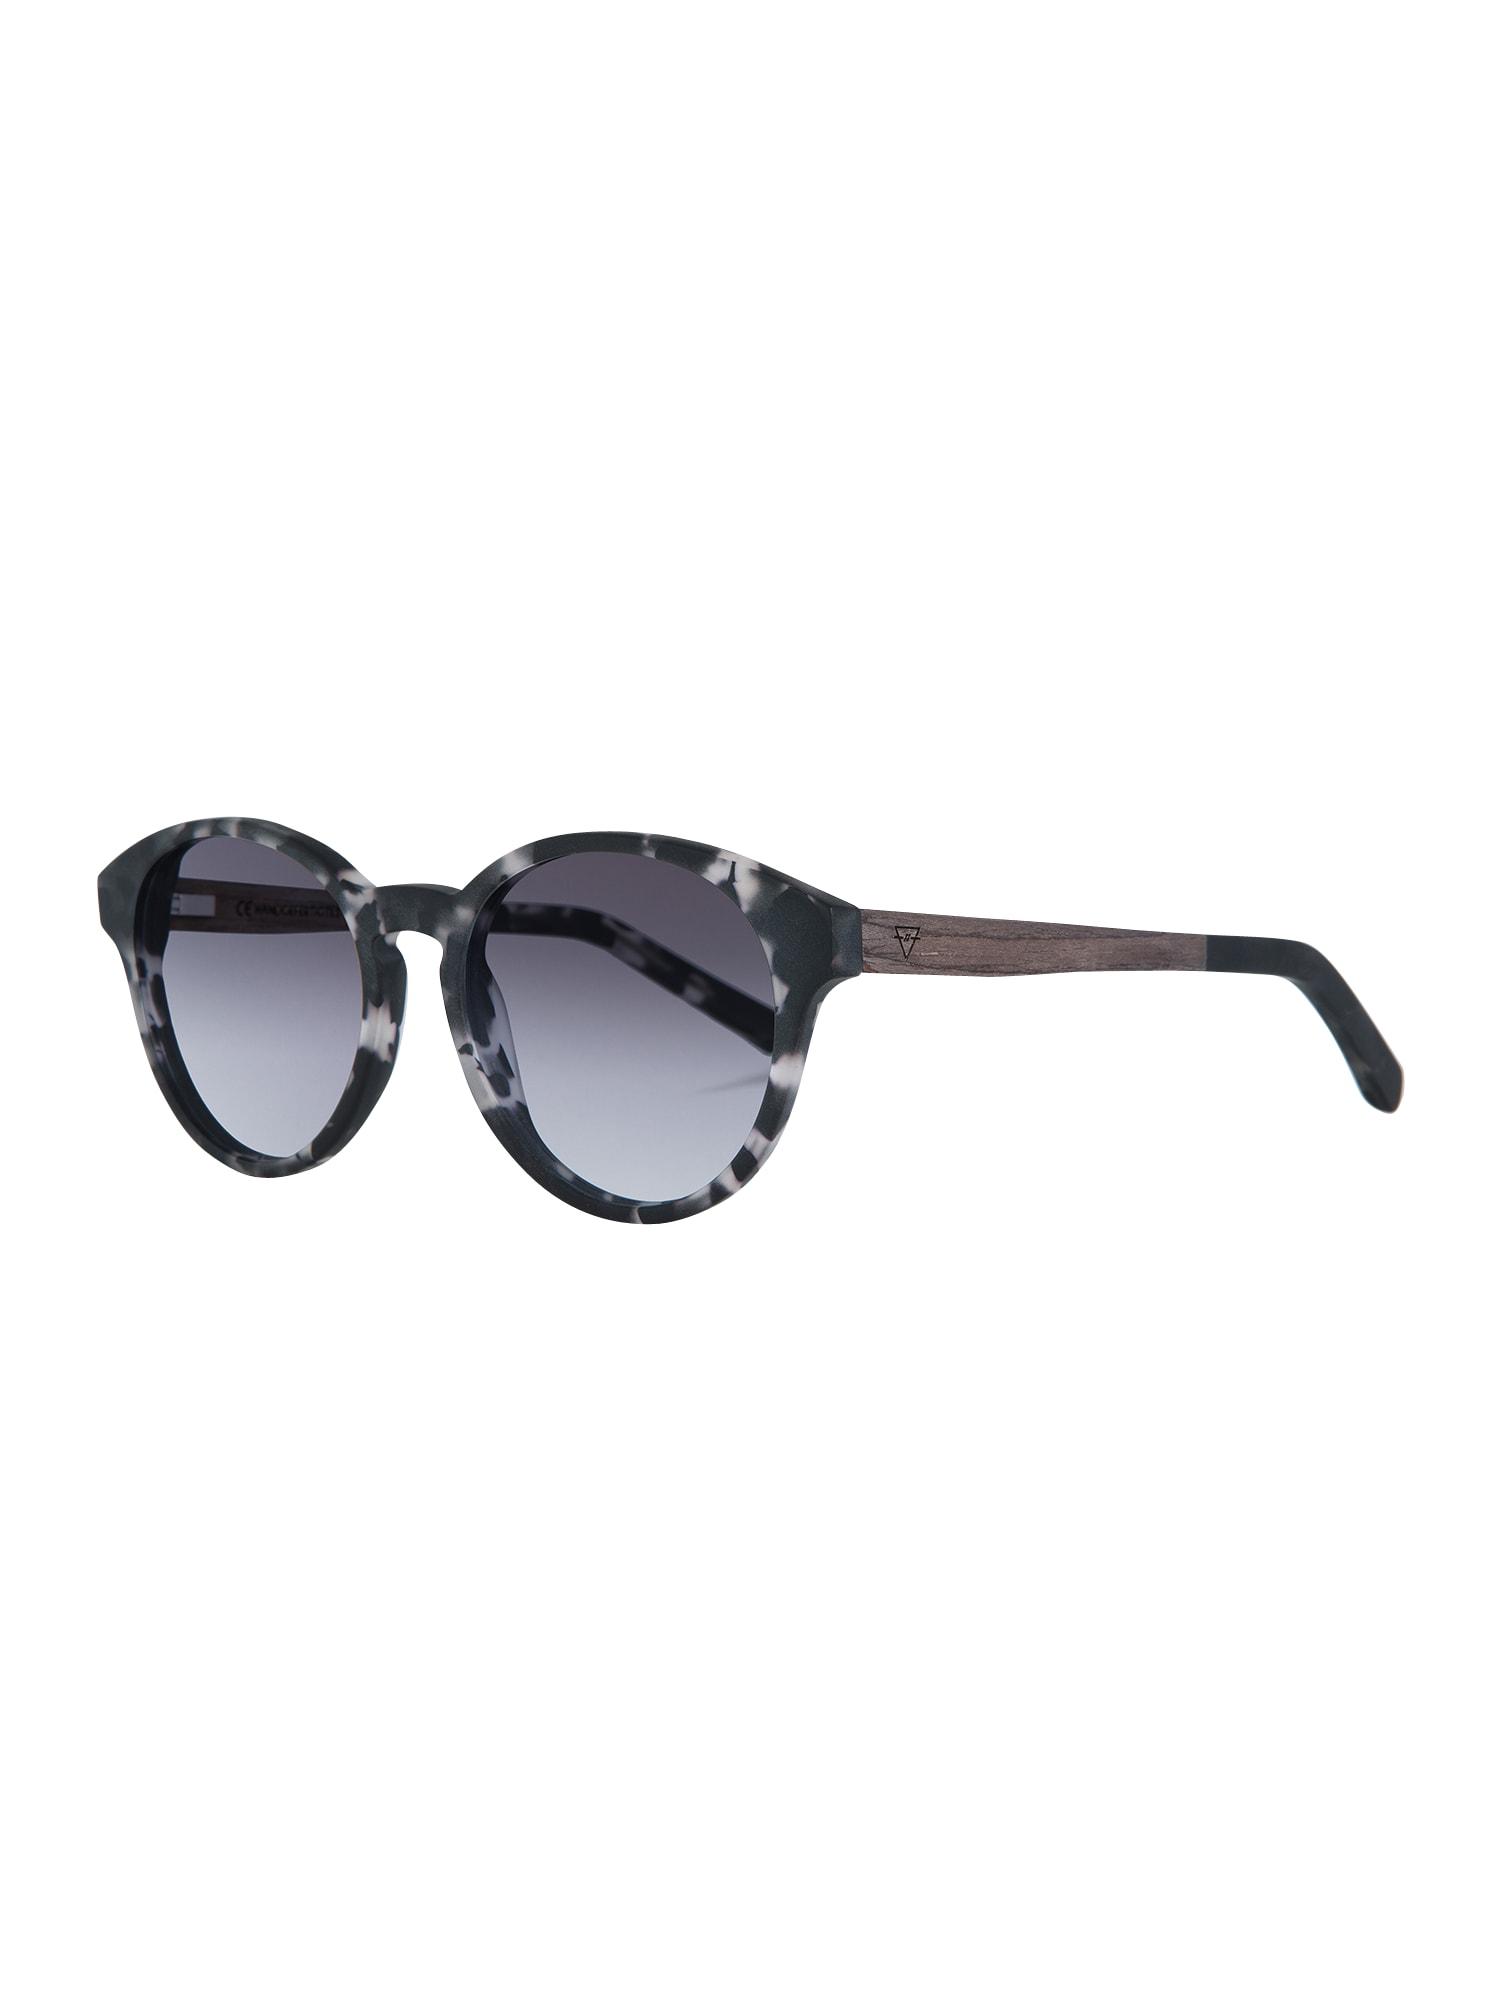 Sluneční brýle Leopold černá bílá Kerbholz